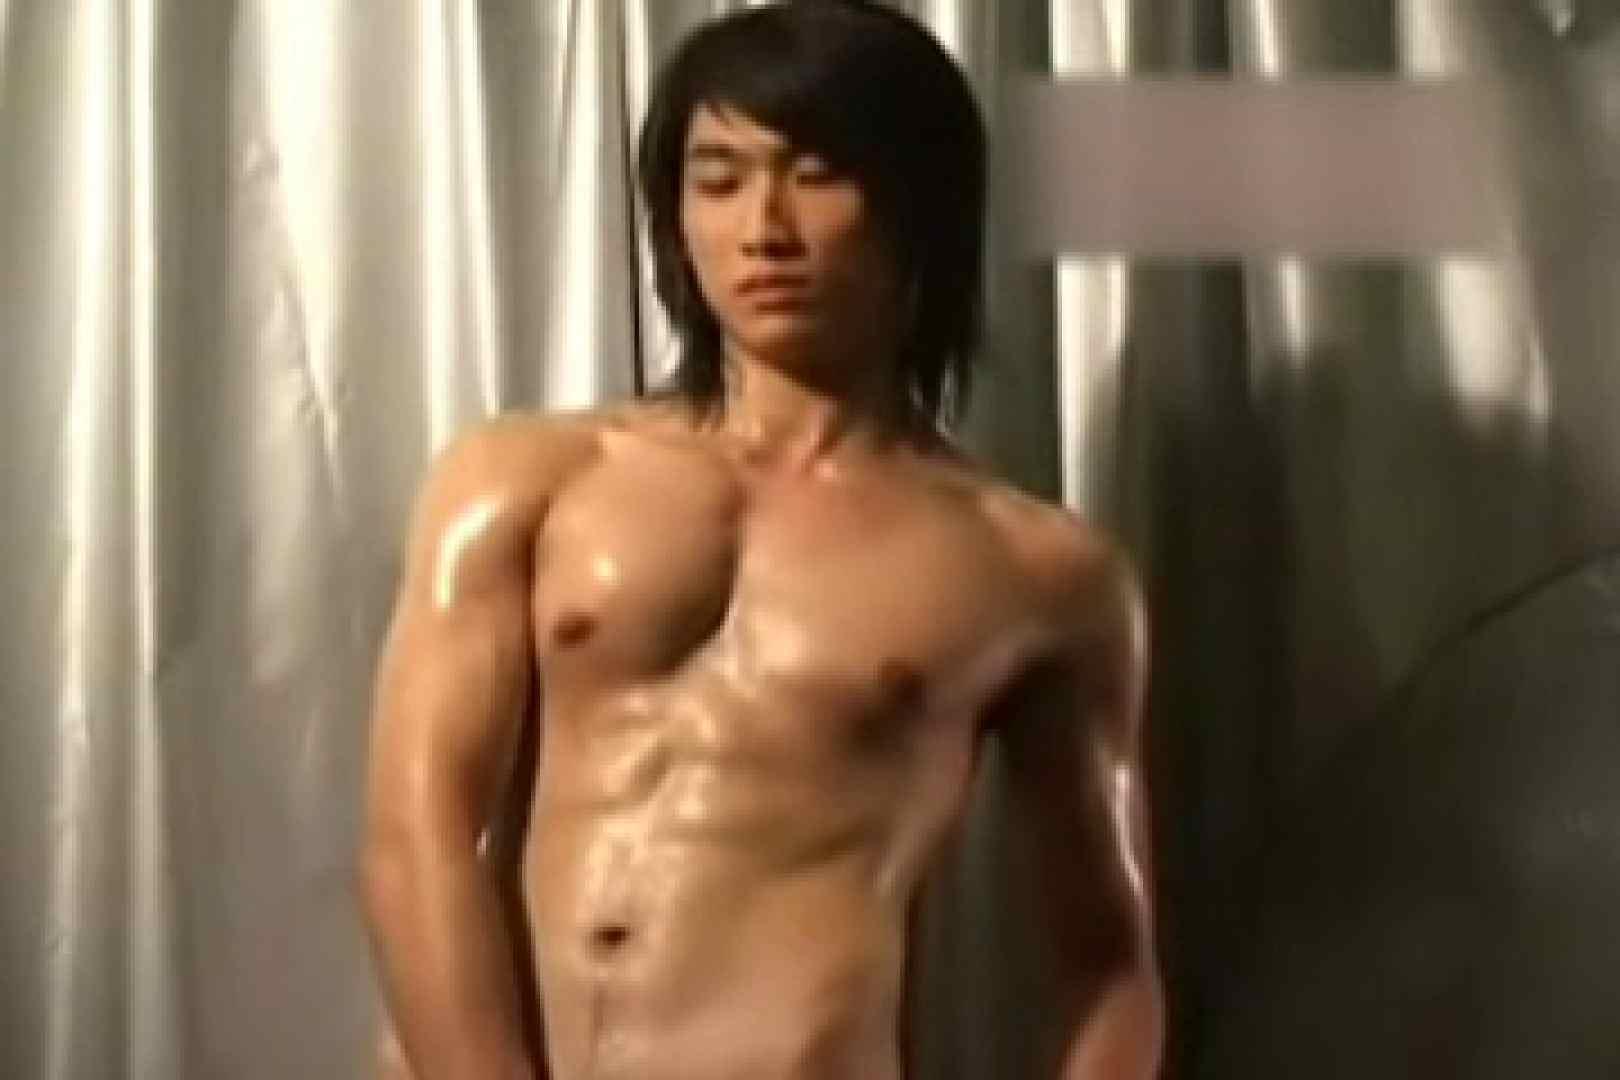 流出!!メンズスーパーモデル達のヌードinChina vol5 メンズ流出映像 ゲイ流出動画キャプチャ 65画像 42